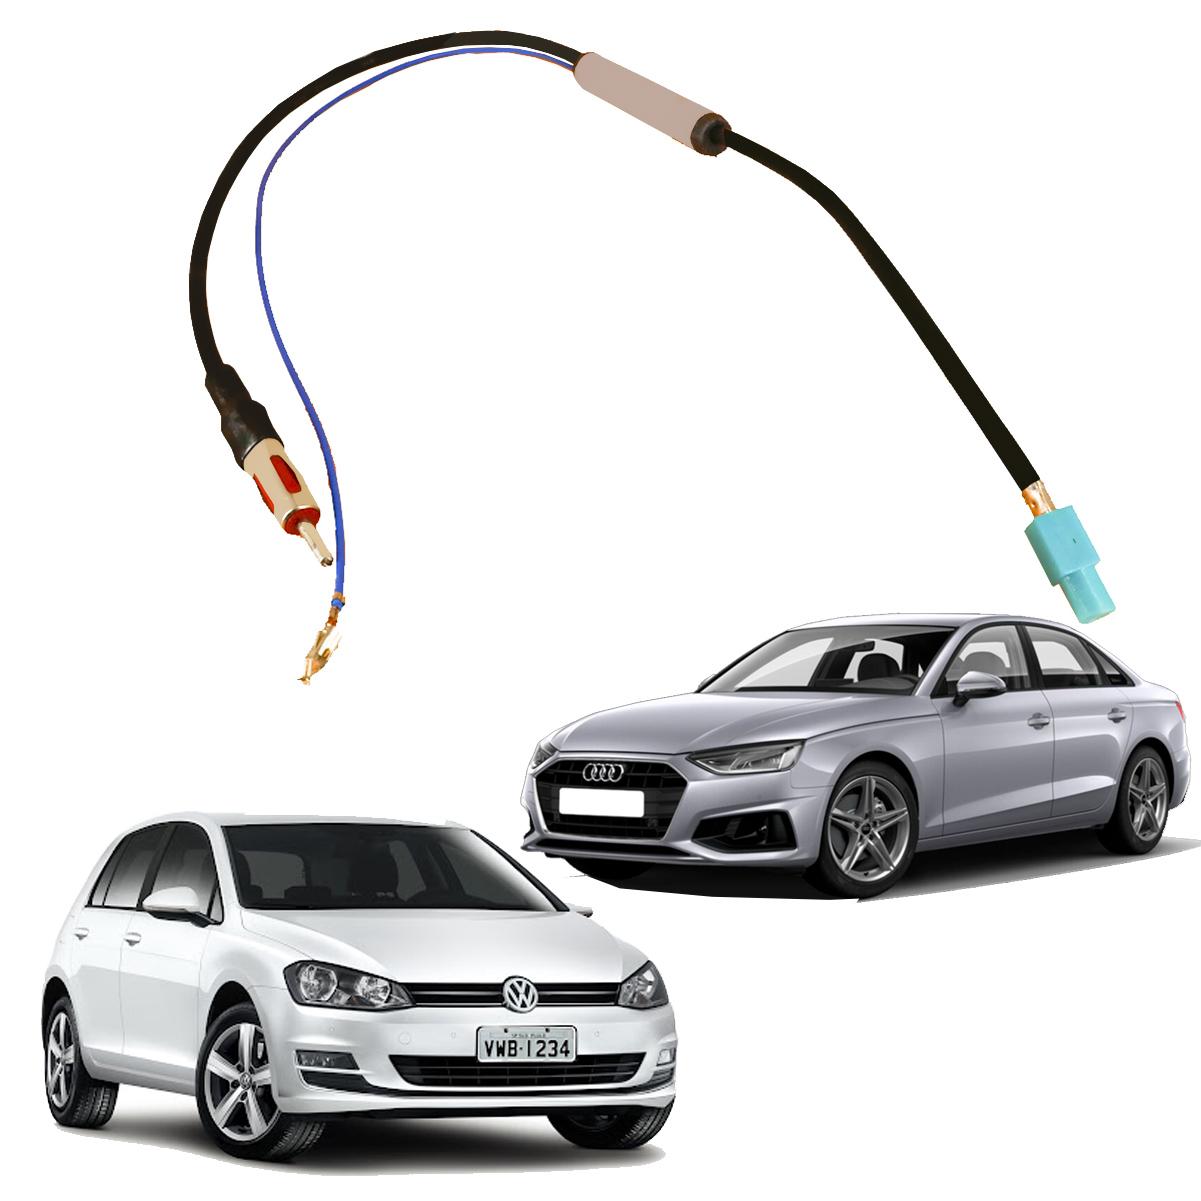 Cabo Antena Plug Adaptador Radio Amplificado Vw/ Audi